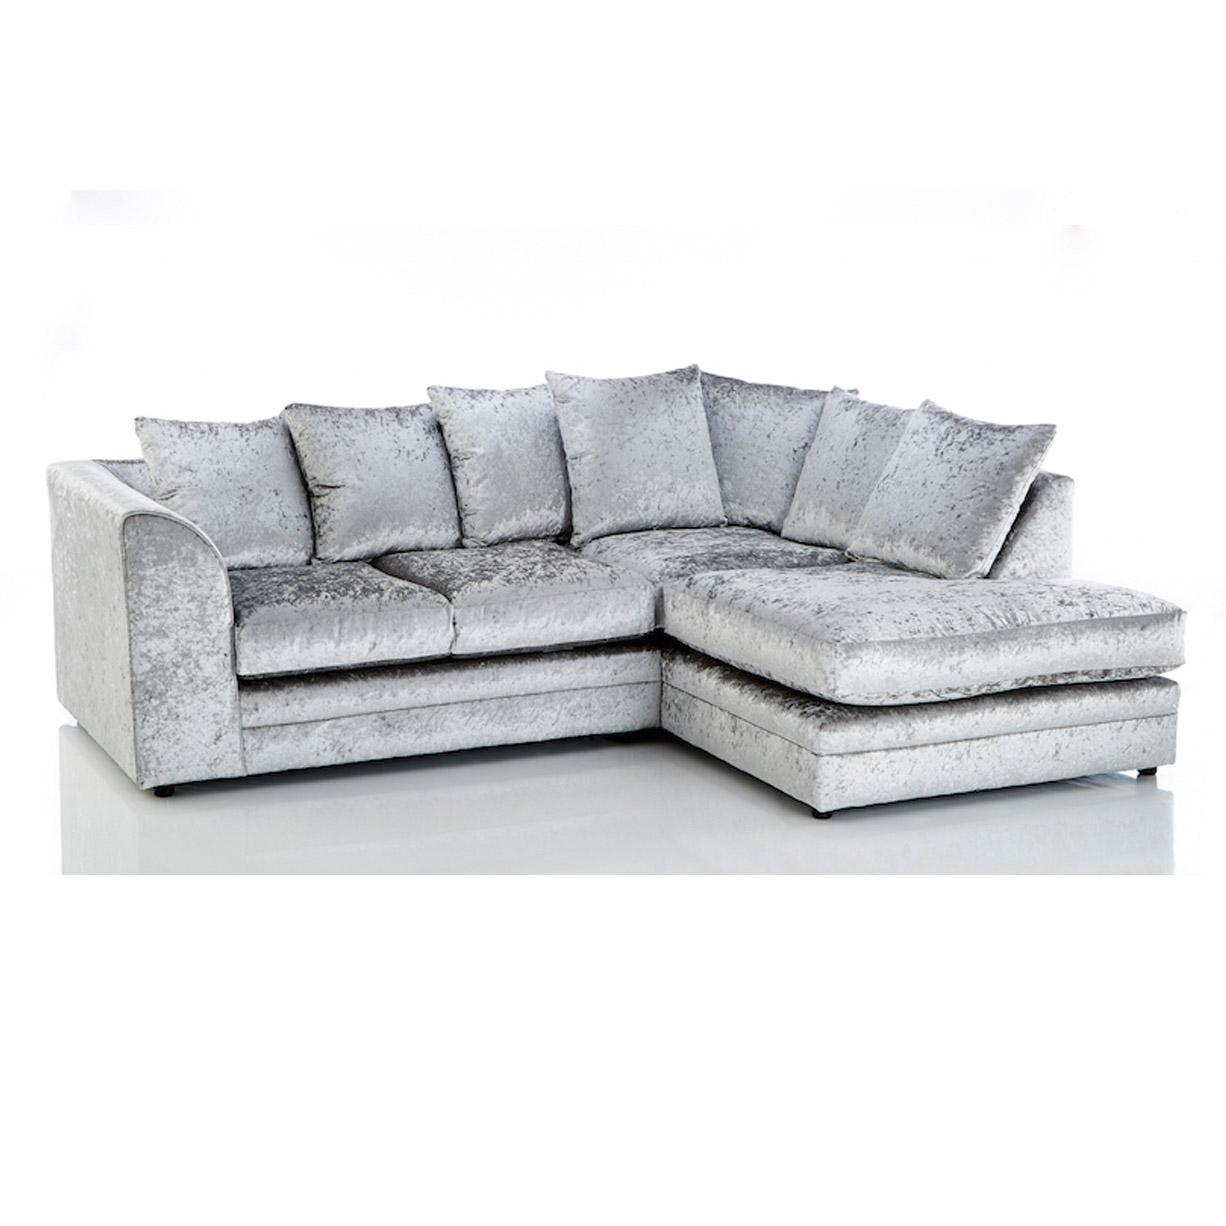 crushed velvet sofa crushed velvet, 4 seater sofa, silver, grey, right hand corner sofa IWKSUDH